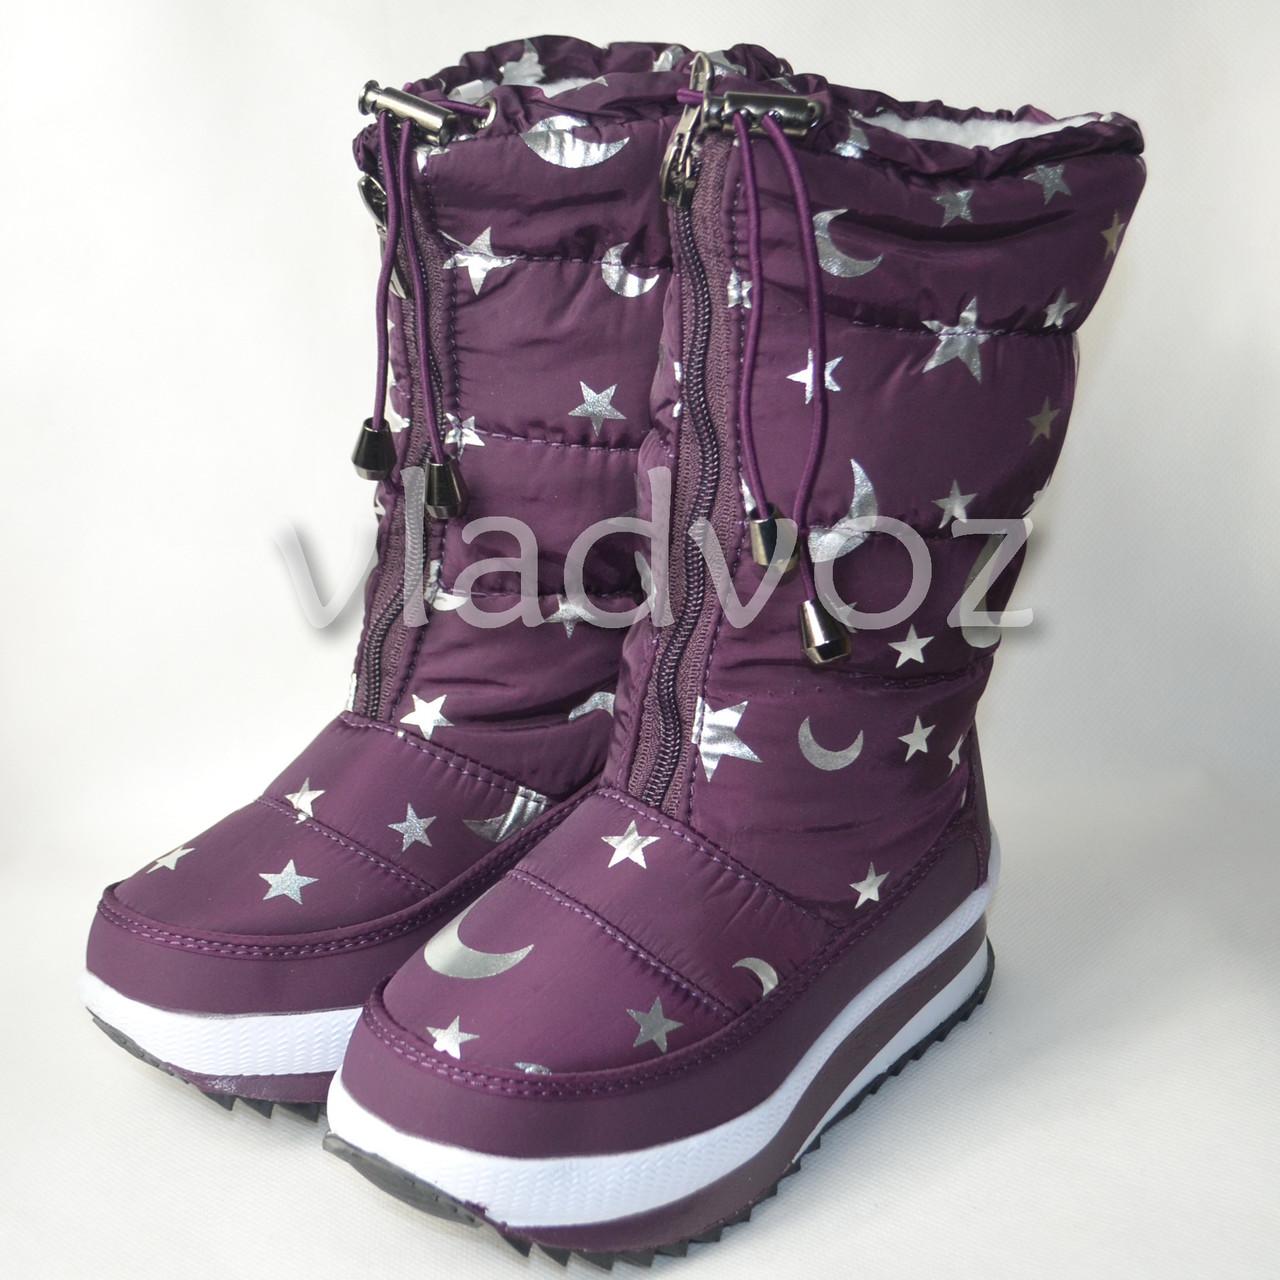 Модные дутики на зиму для девочки сапоги пурпурные месяц 33р.